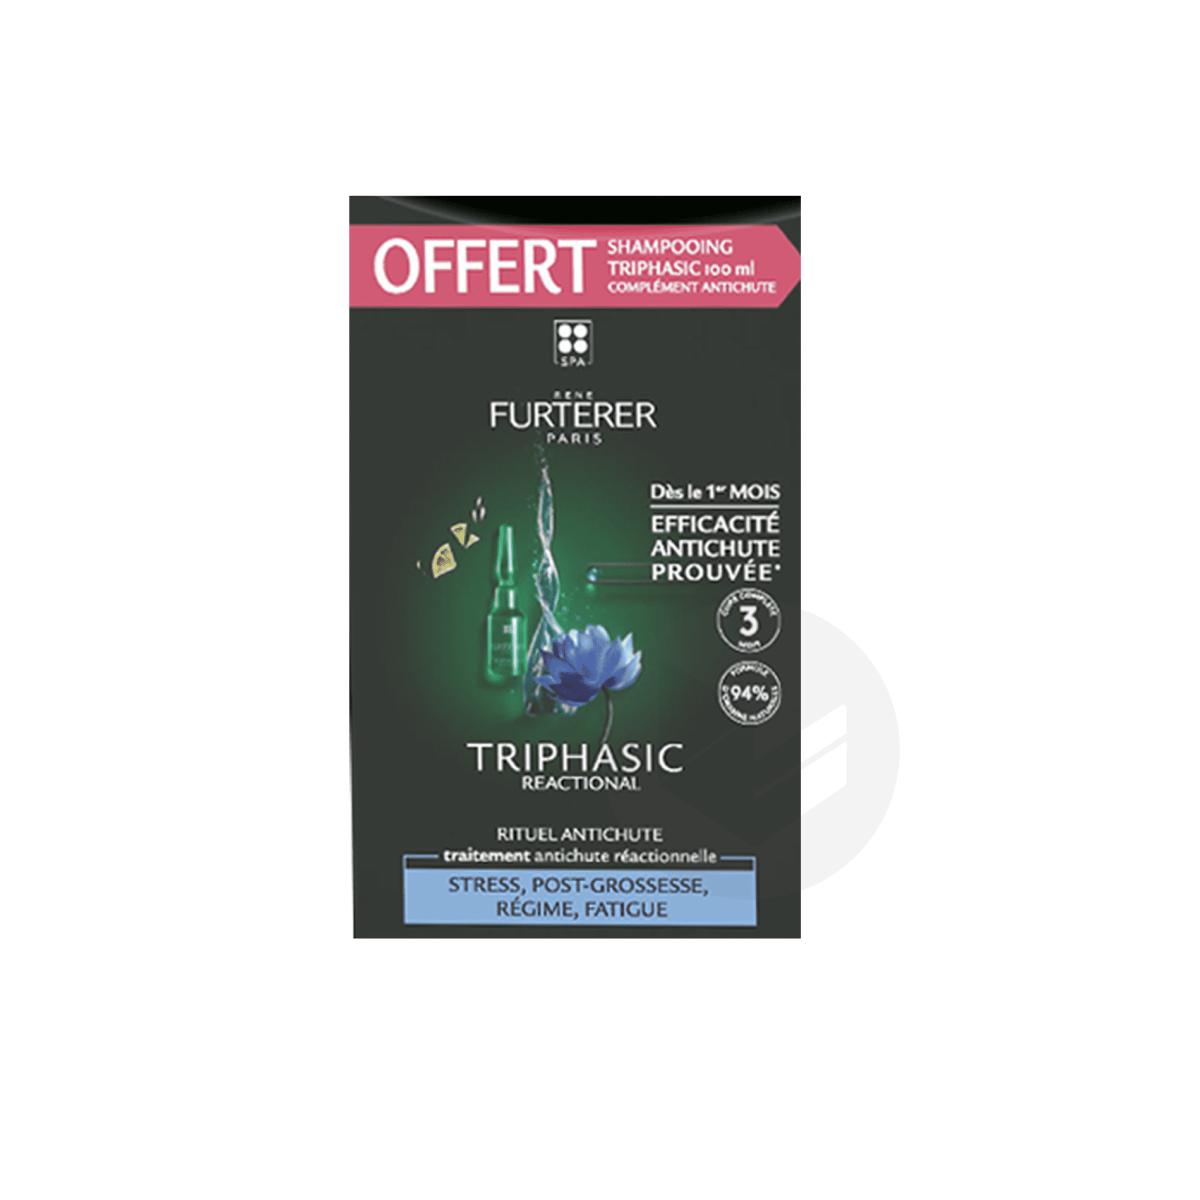 Traitement antichute réactionnelle 12x5ml + shampooing triphasic stimulant 100ml offert